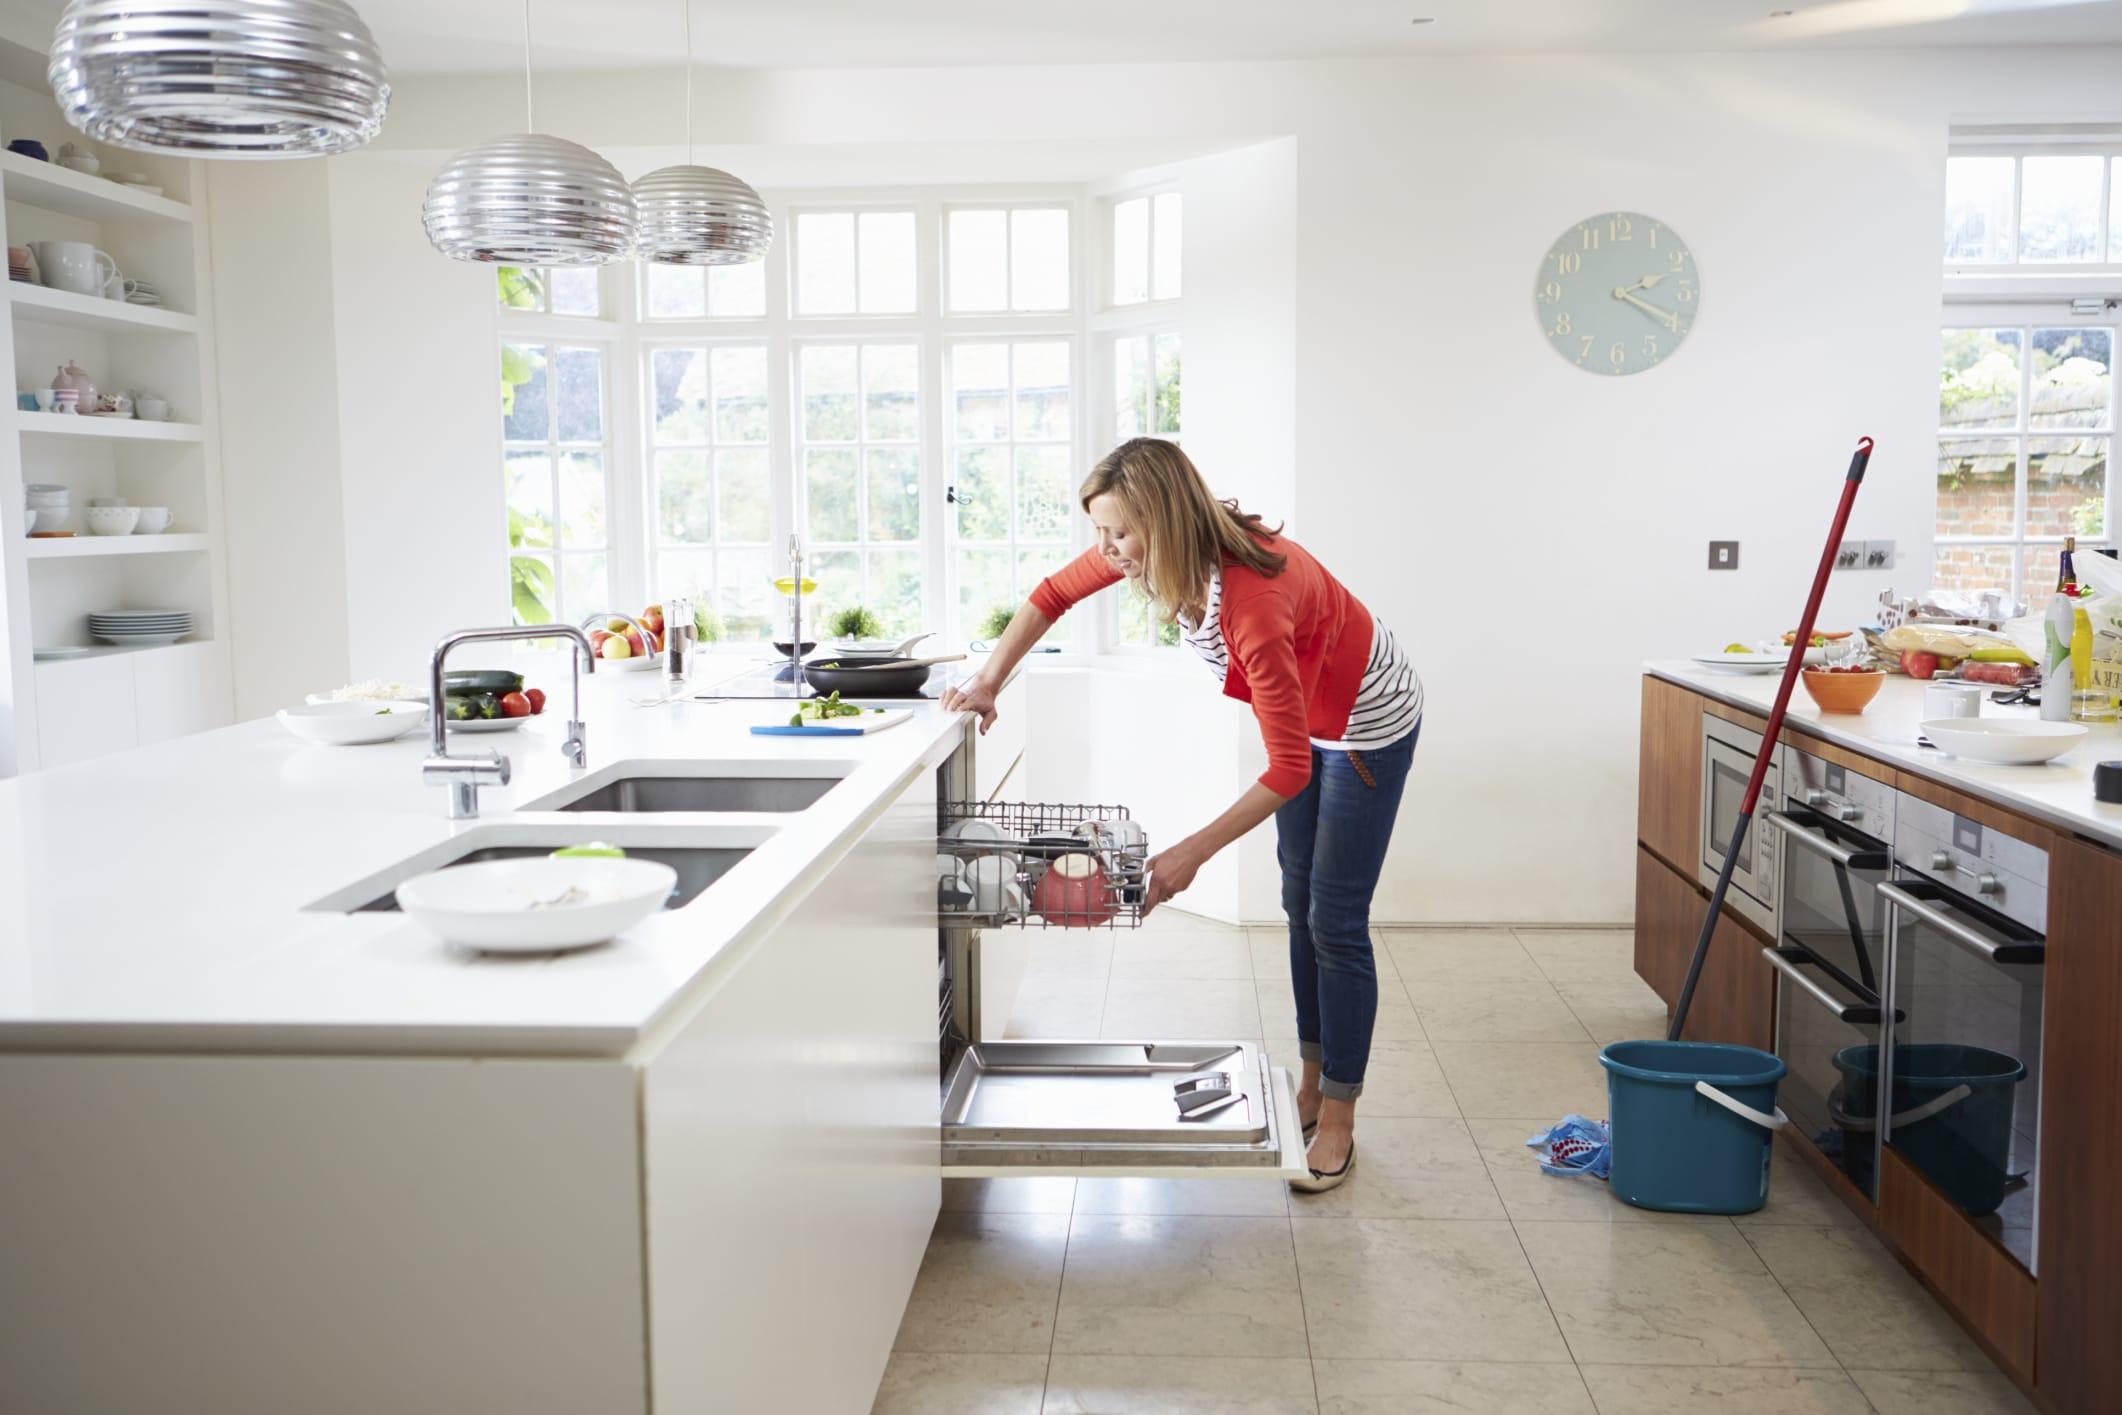 come pulire gli elettrodomestici della cucina - non sprecare